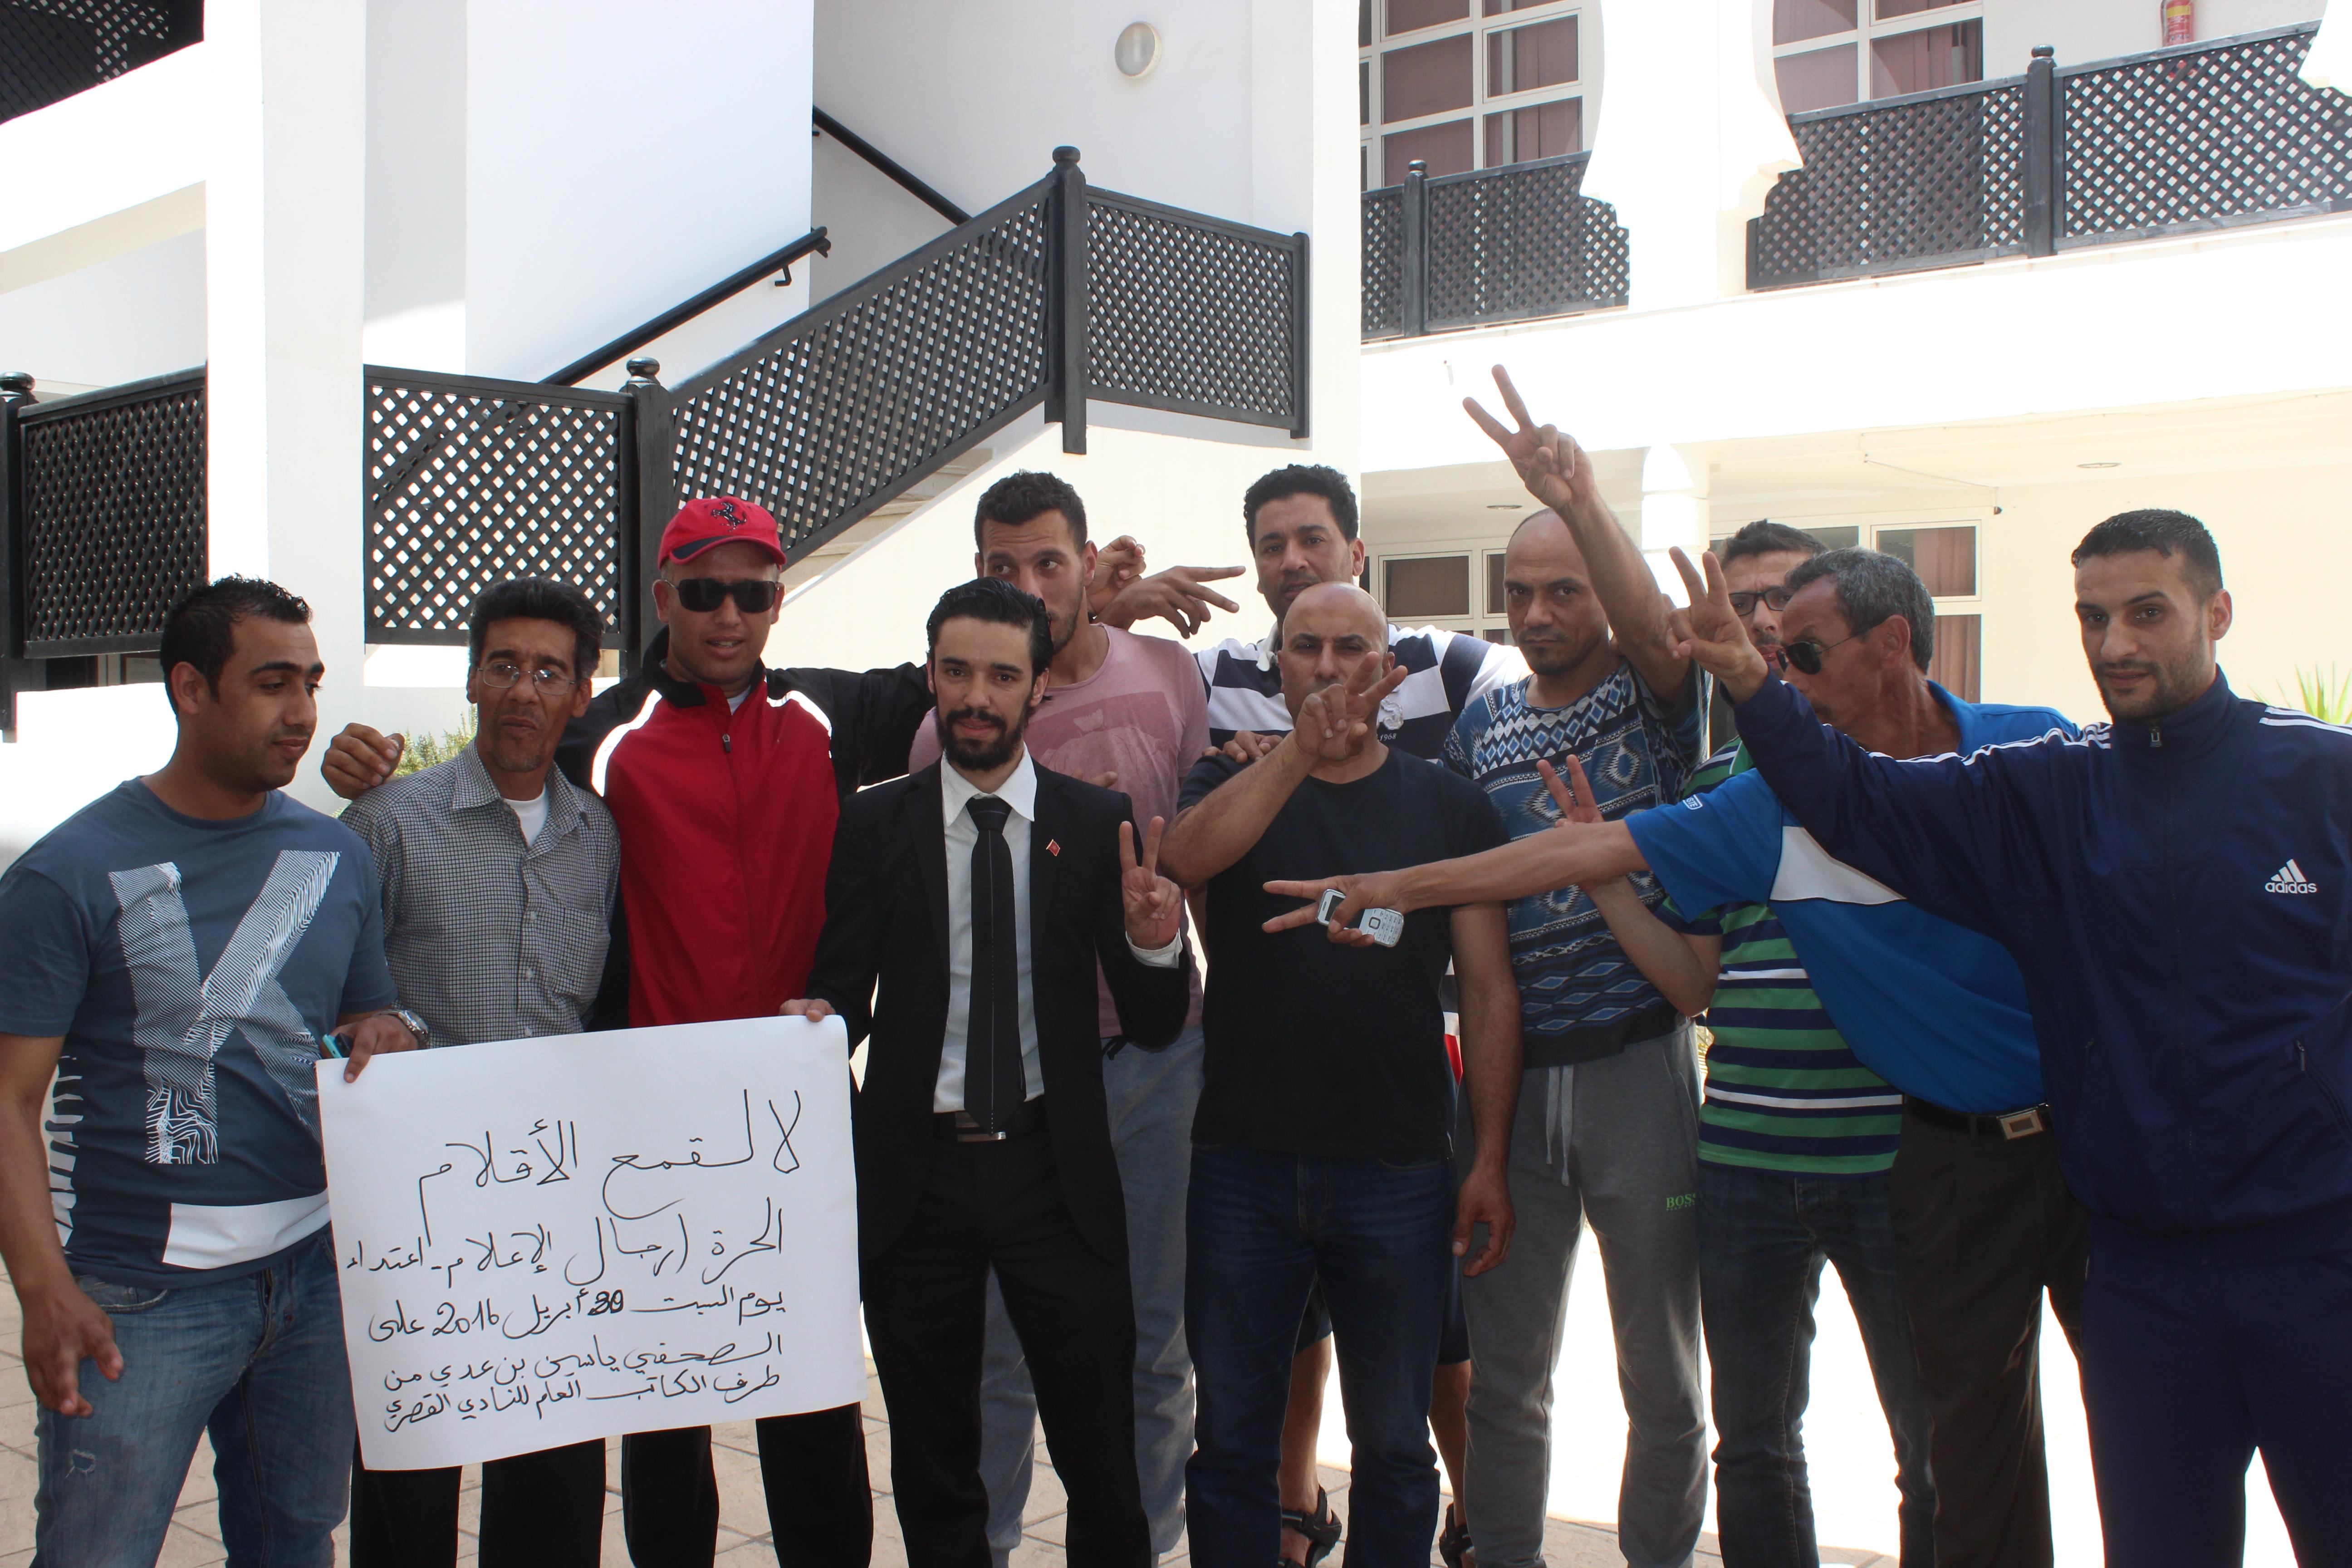 وقفة إحتجاجية ضد النتائج السلبية للفريق القصري وللتضامن مع الإعلامي ياسين بن عدي